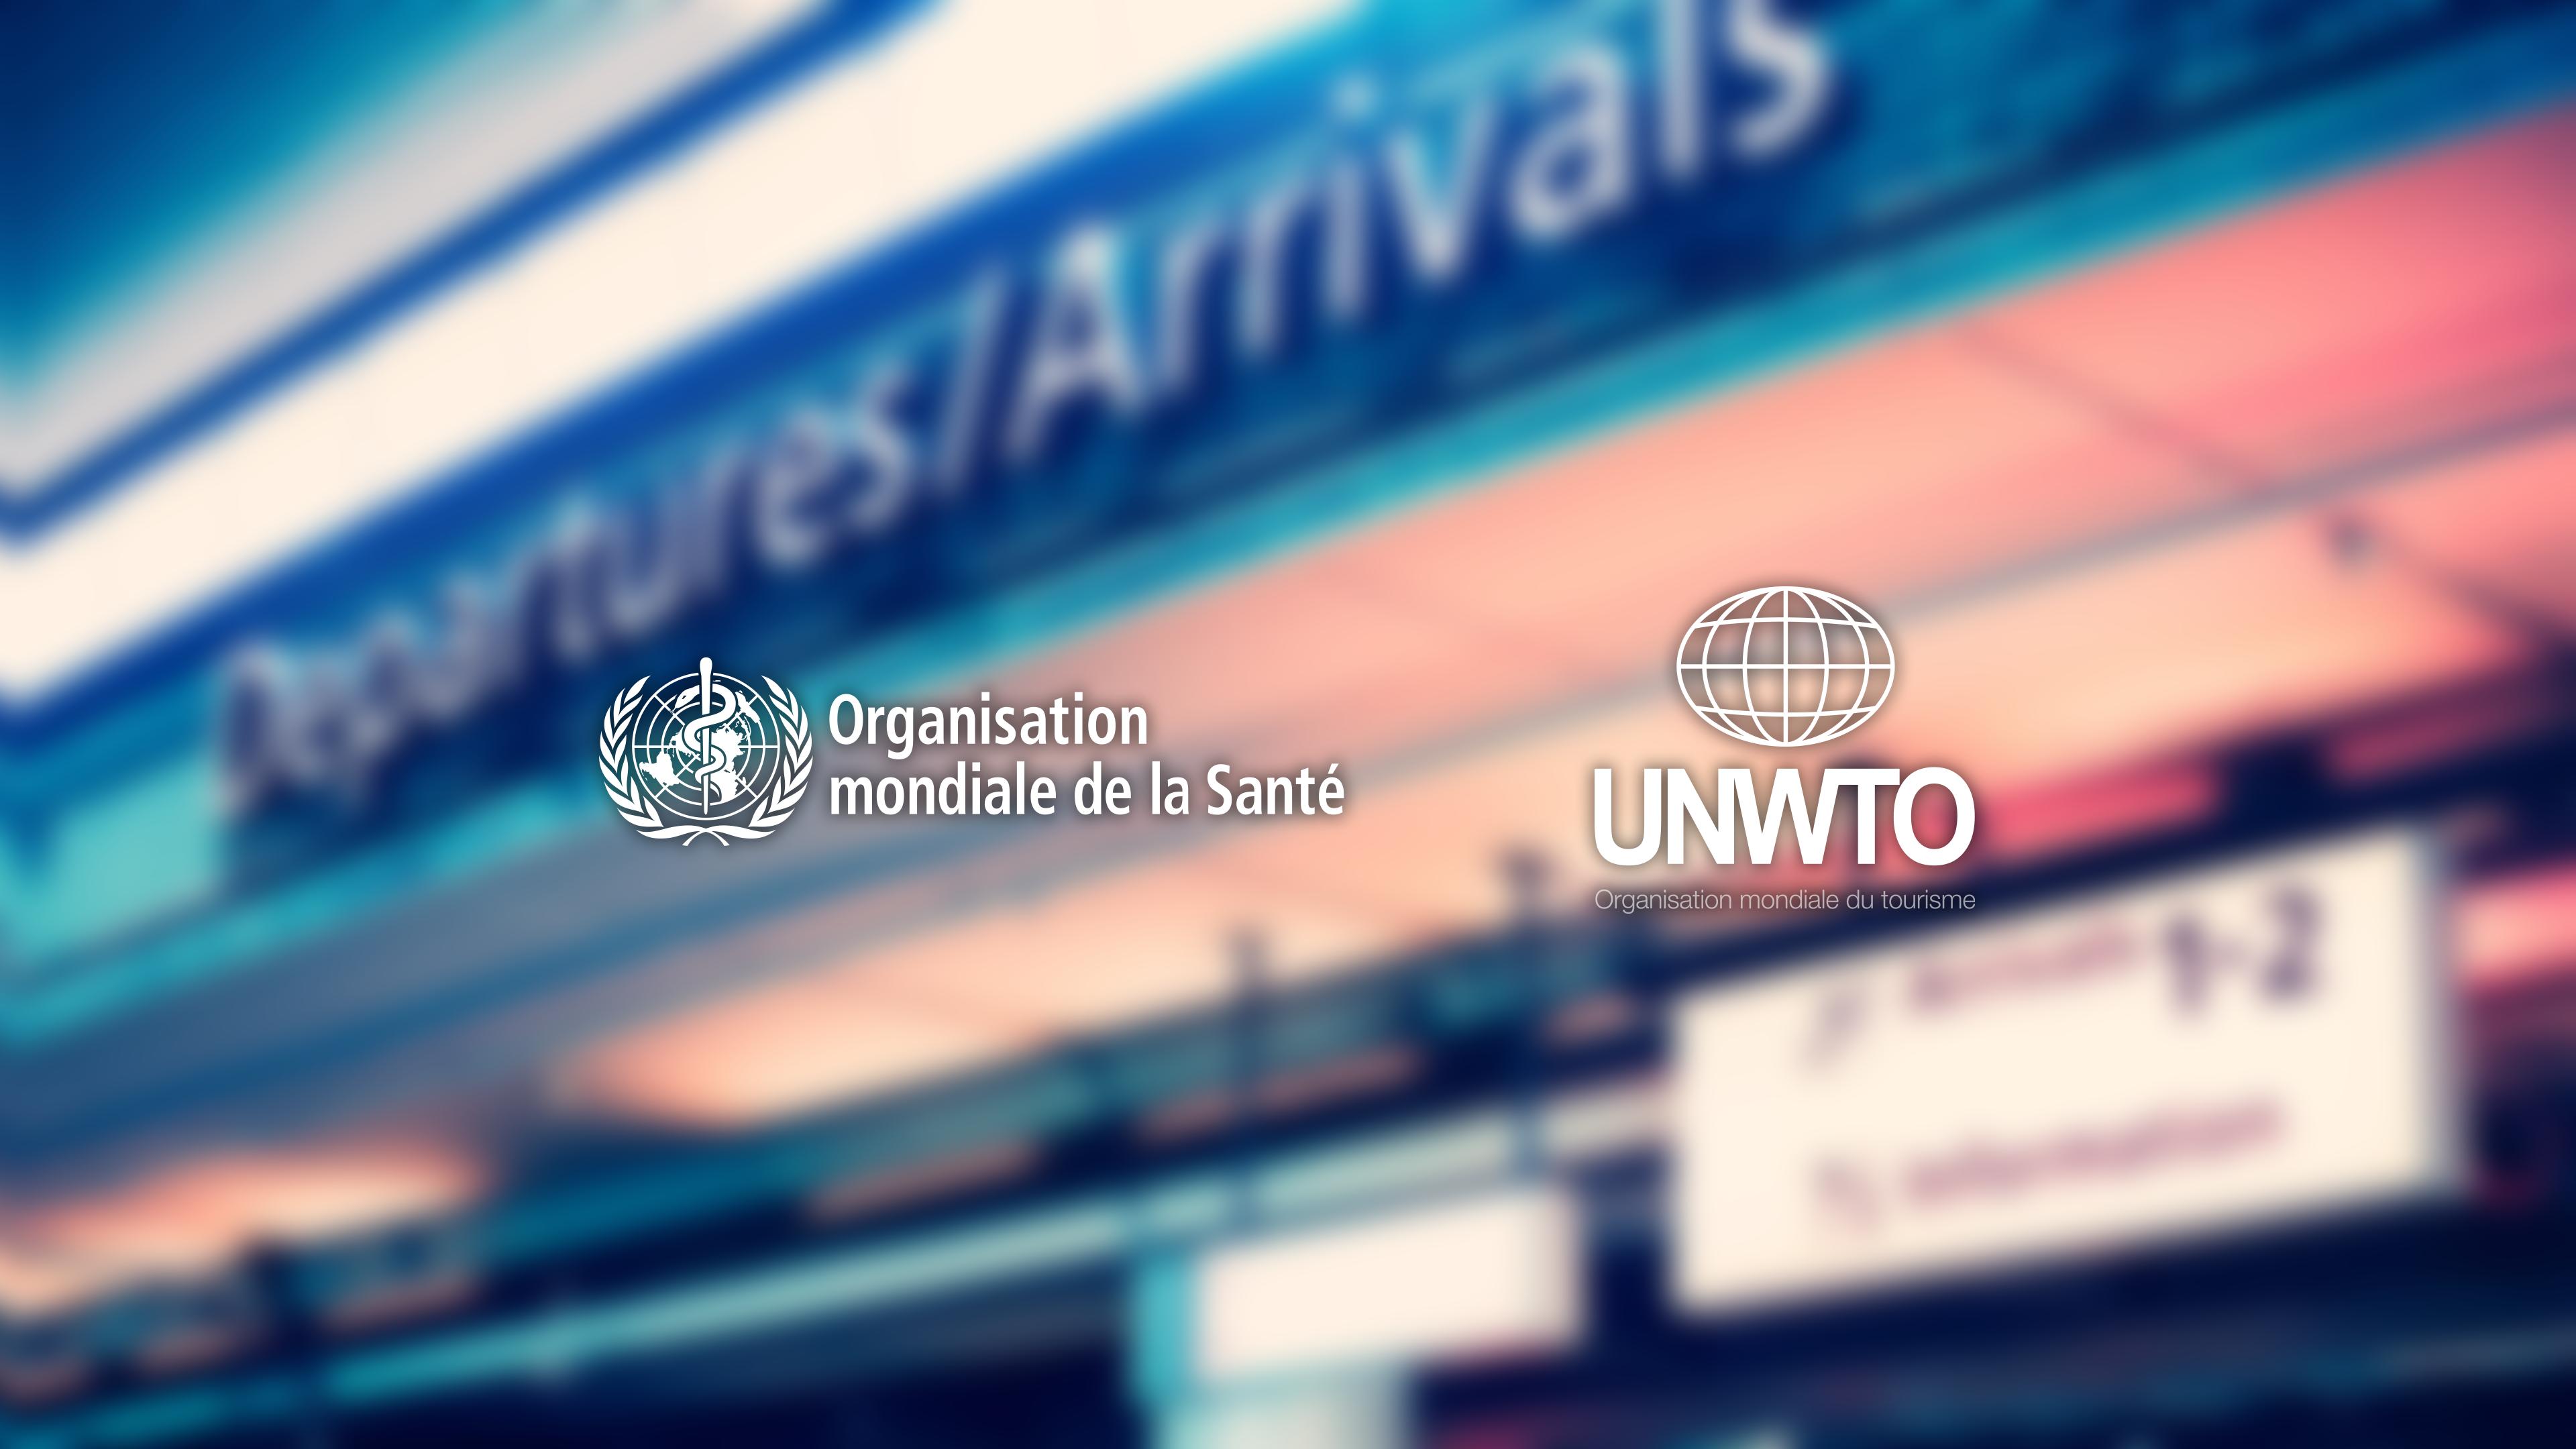 Déclaration commune sur le tourisme et le COVID-19 -  L'OMT et l'OMS